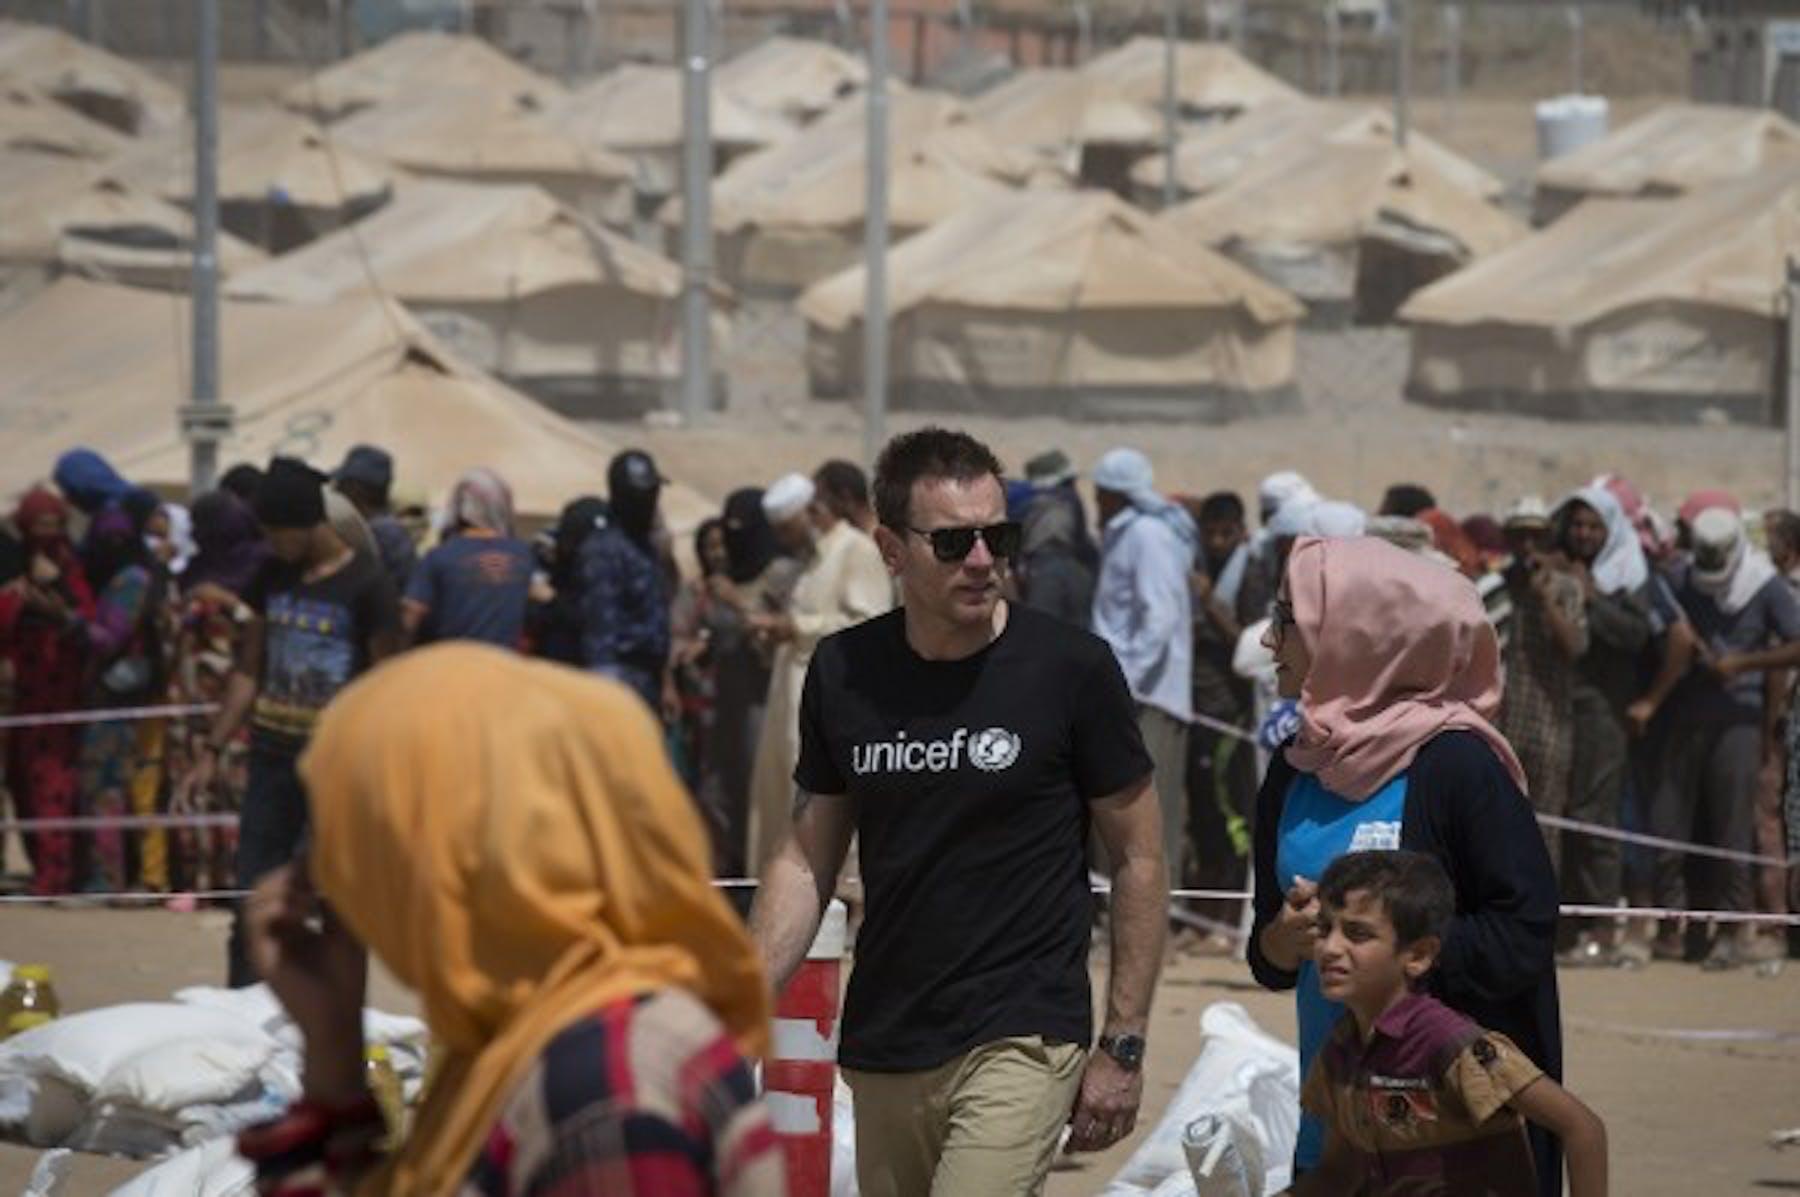 L'Ambasciatore UNICEF Ewan McGregor nel campo di Debaga nel nord dell'Iraq (UNICEF/Iraq/Modola16/PA Images)